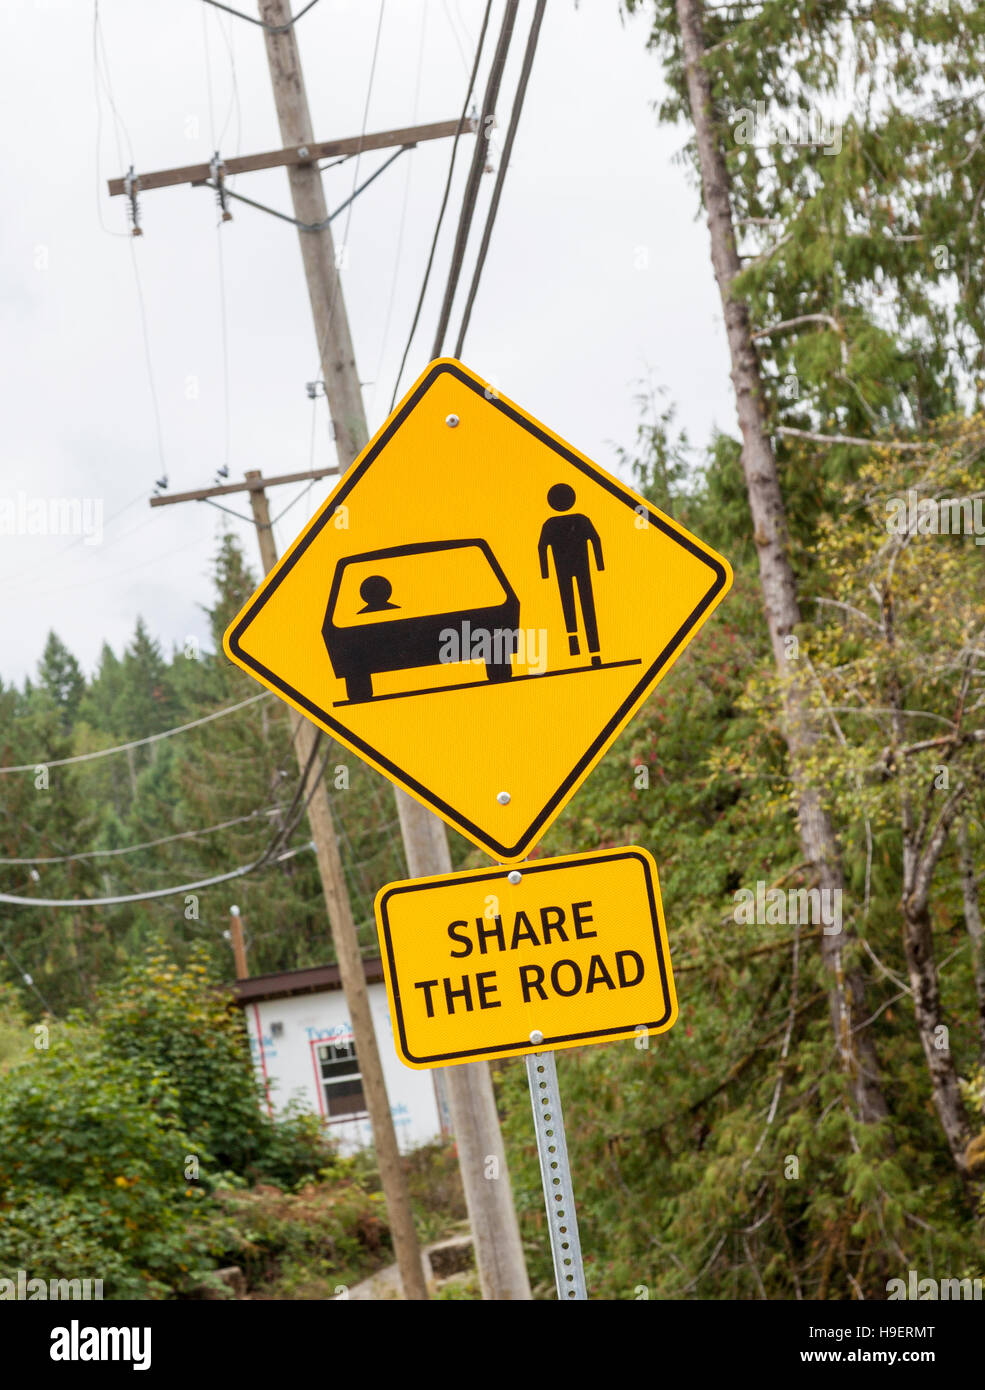 Una señal de carretera en Canadá mostrando un coche y paseos peatonales en la carretera y un cartel que Imagen De Stock